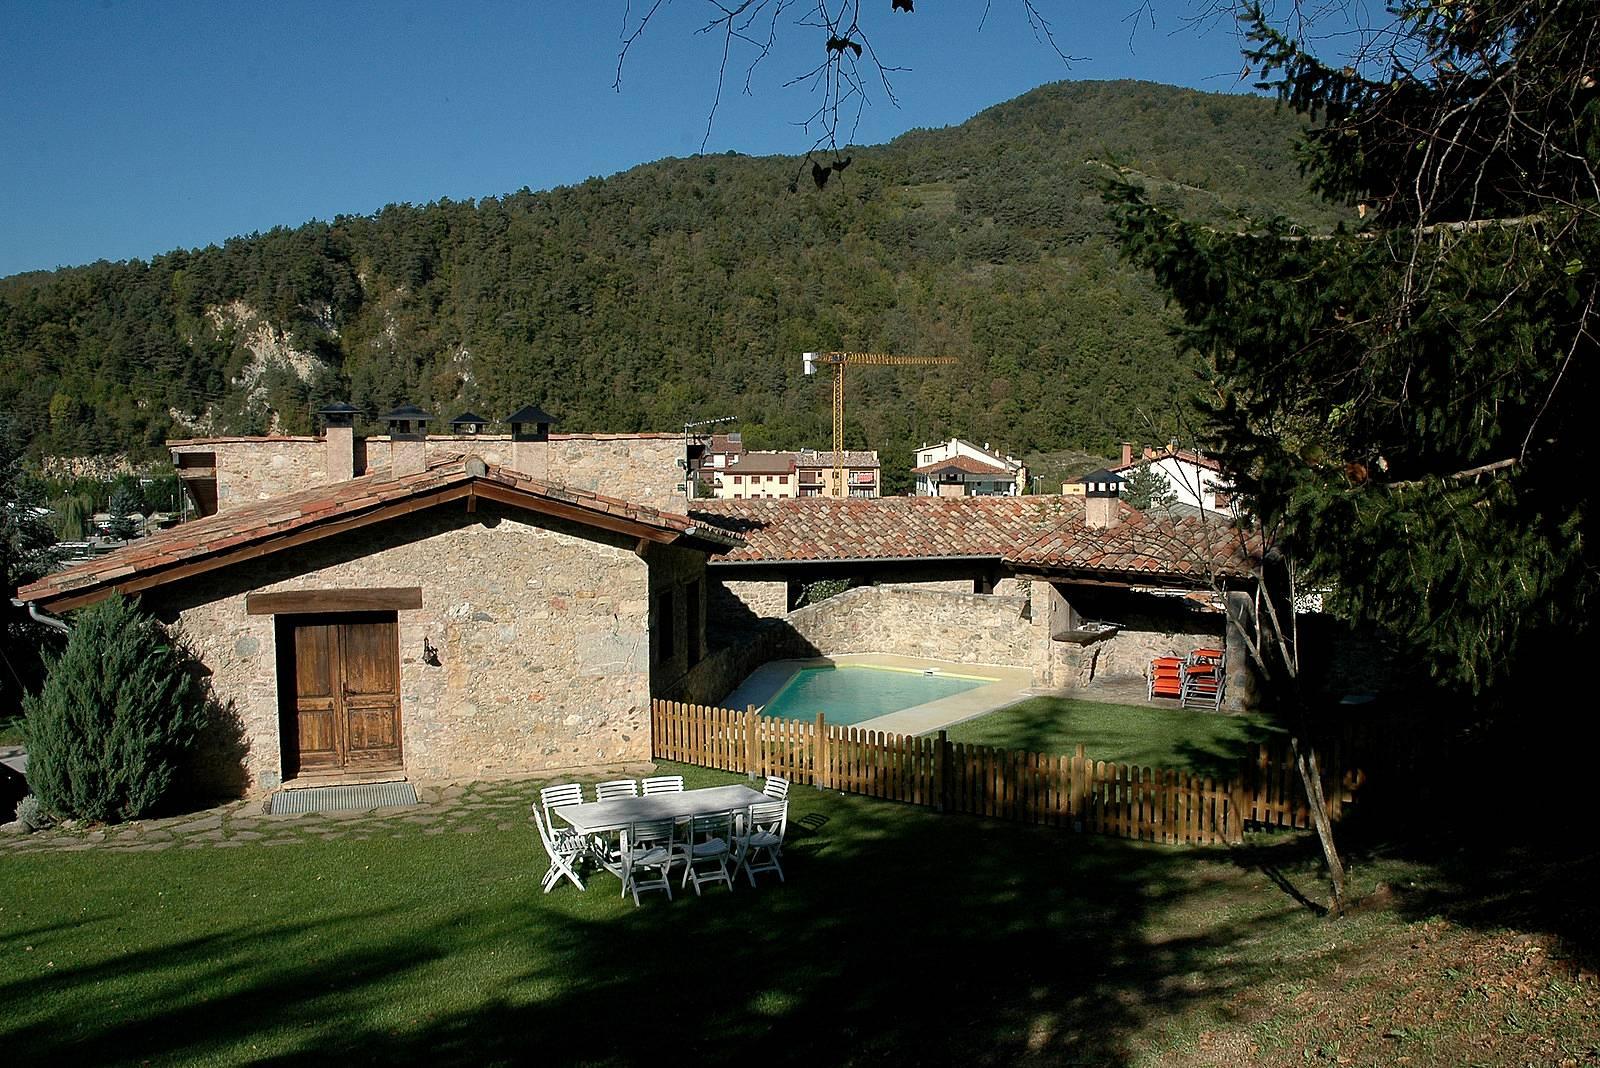 Alquiler vacaciones apartamentos y casas rurales en girona gerona catalu a - Casas rurales cadaques ...